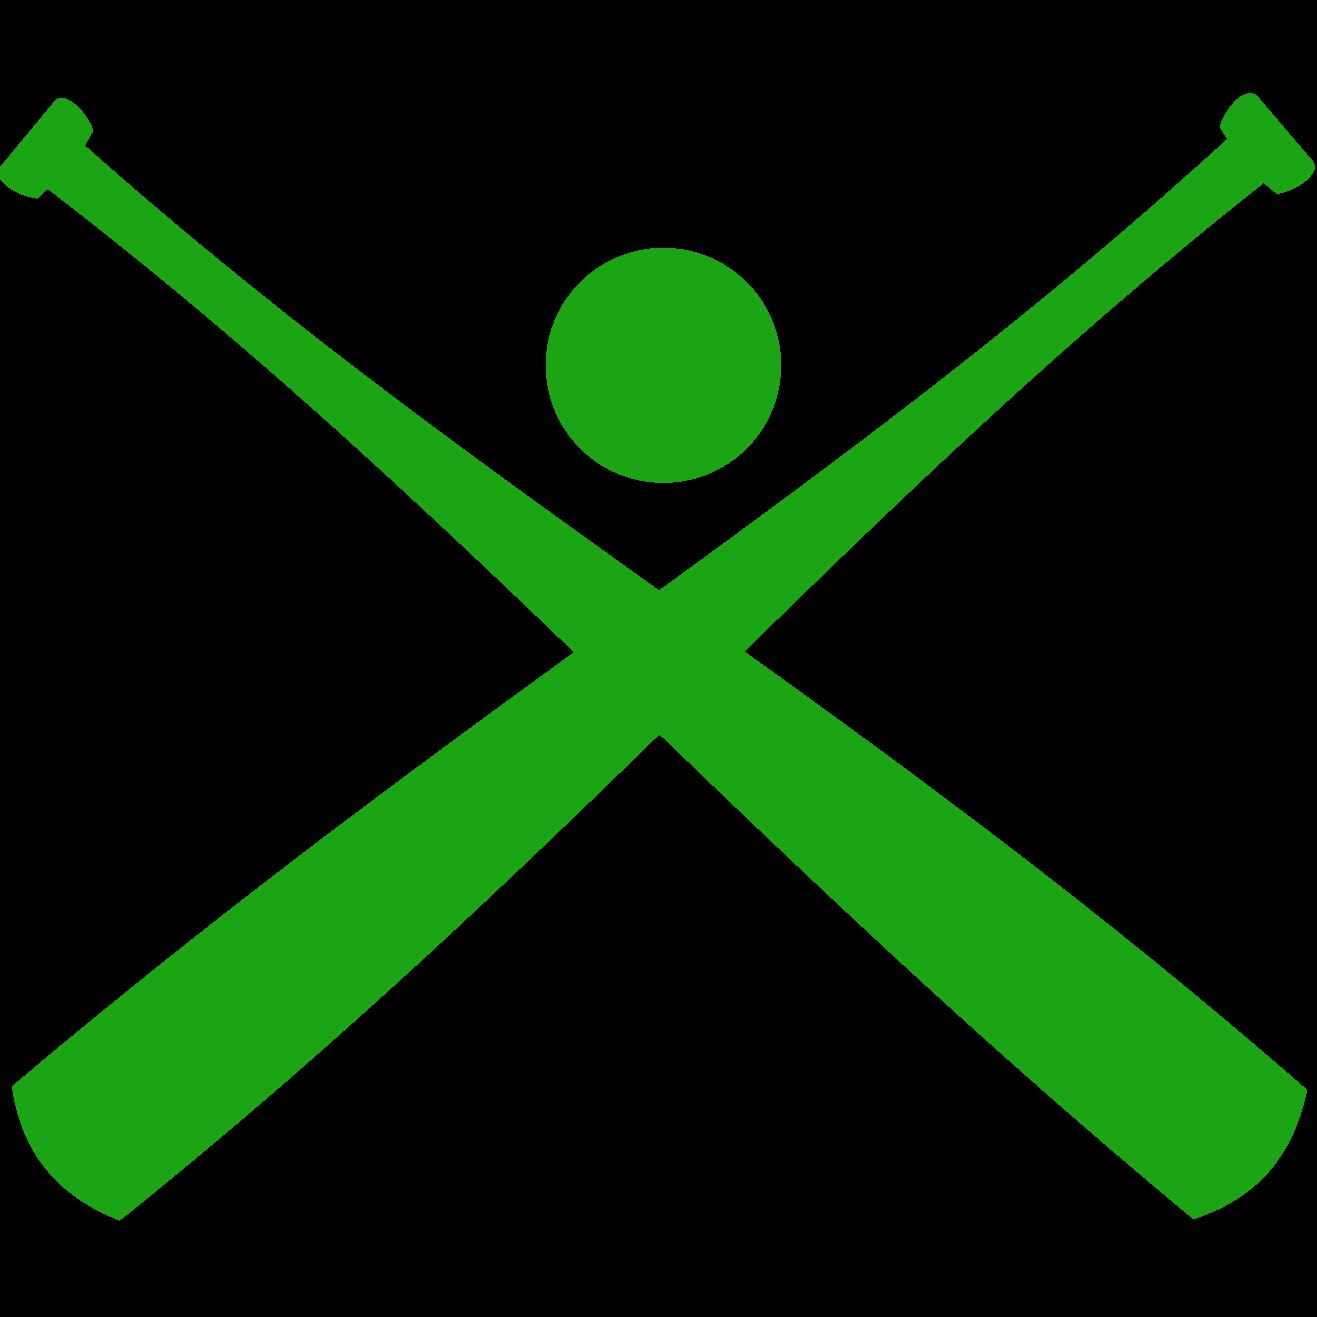 Predators baseball clipart vector royalty free library Exposure Baseball (@ebaseballe) | Twitter vector royalty free library